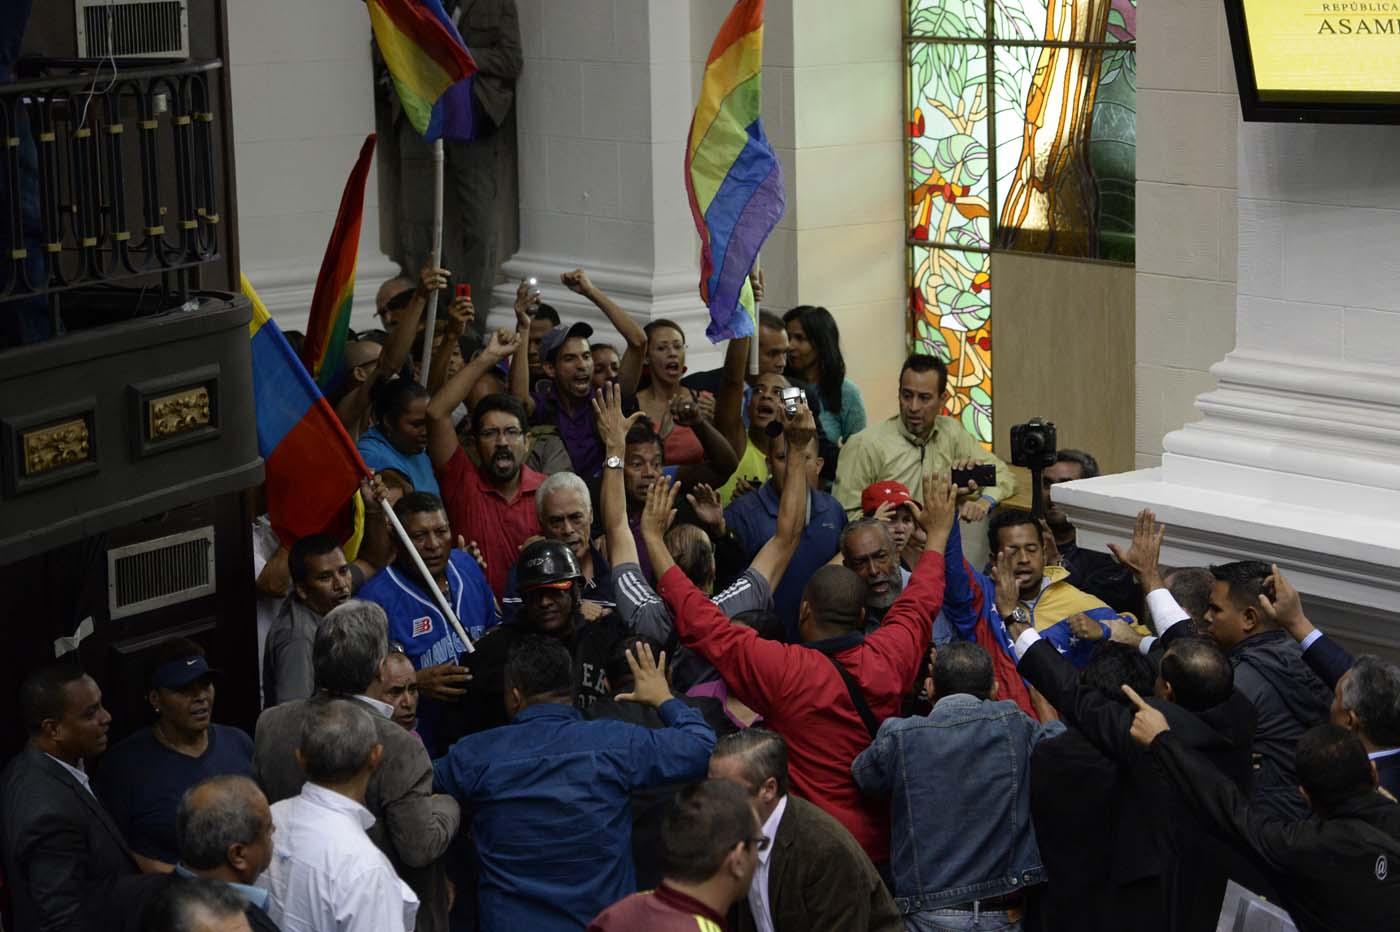 Gobierno de Nicolas Maduro. - Página 18 000_HF3DY